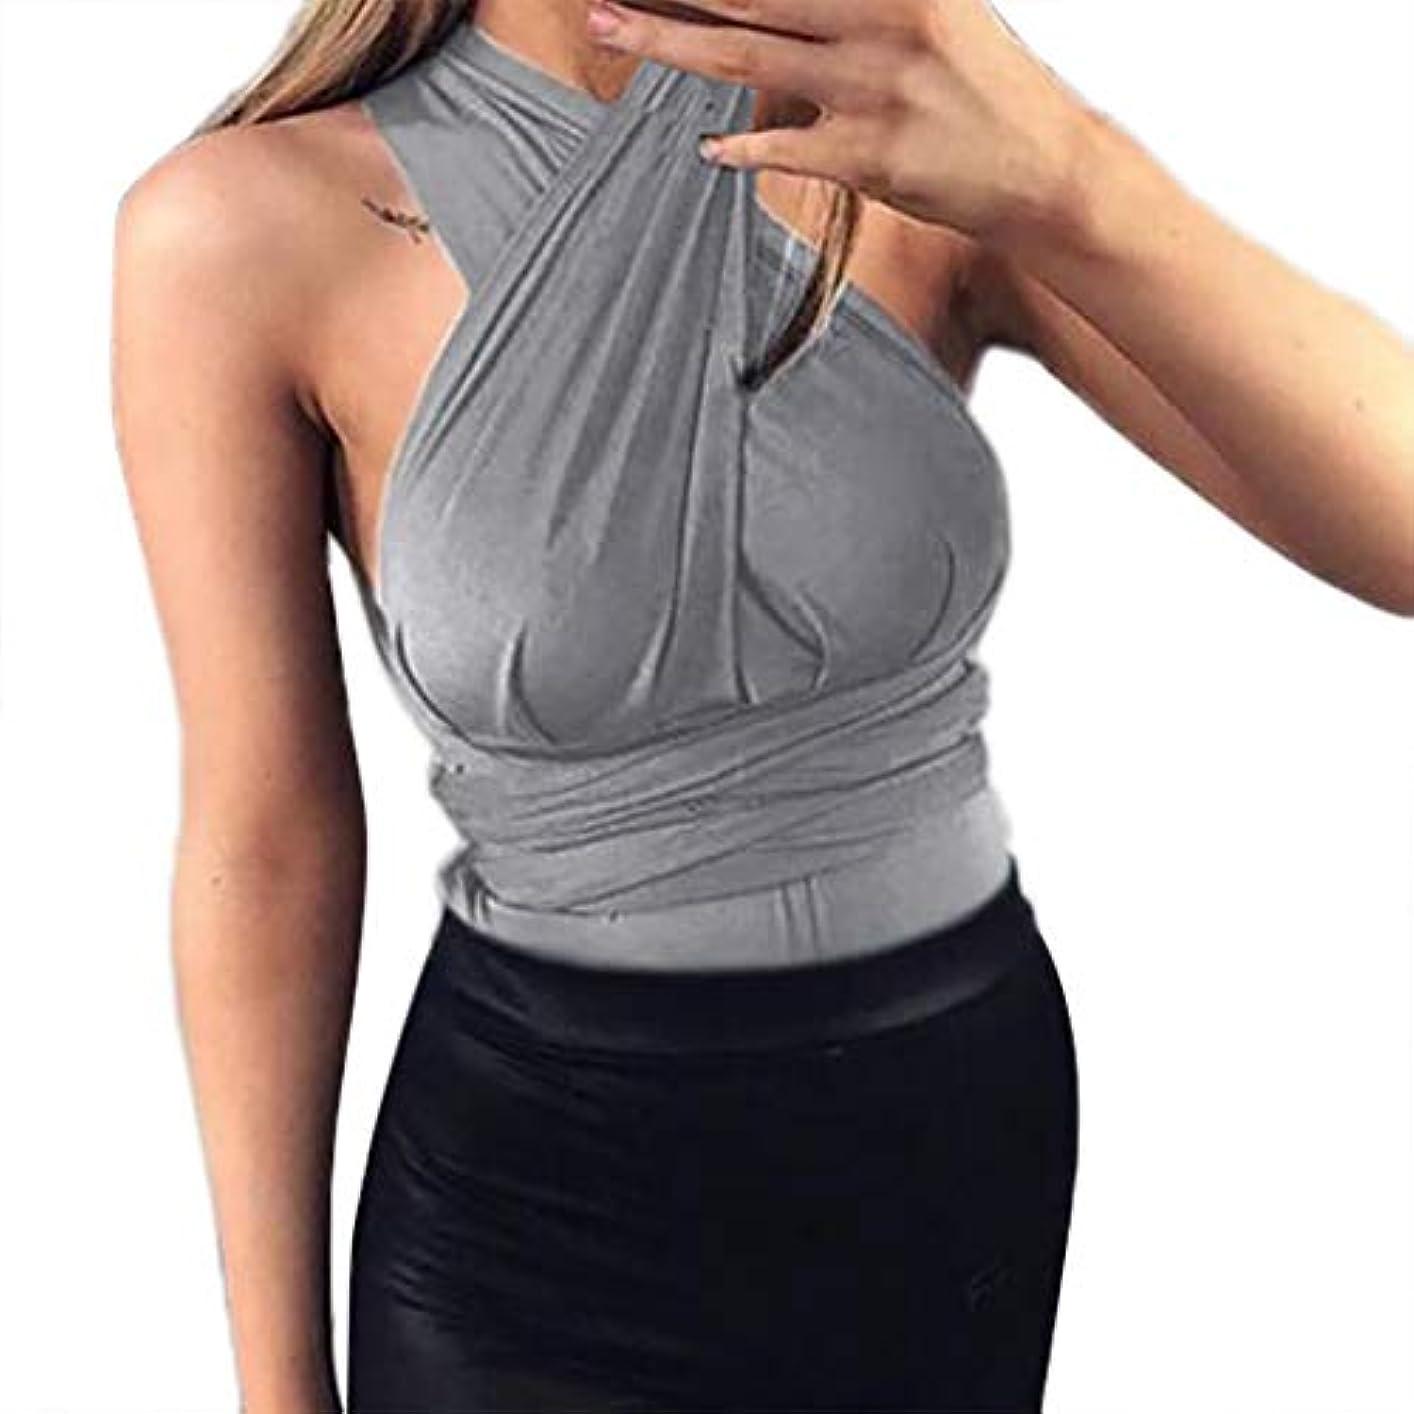 勉強する引退したマージンレディース 胸元あき 爆乳キャミソール ボタンをはずす YOKINO tシャツ レディース セクシー ファッション セクシー タンクトップ 衿開き 大きめ ストレッチ タイト Tシャツ 通勤 通学 運動